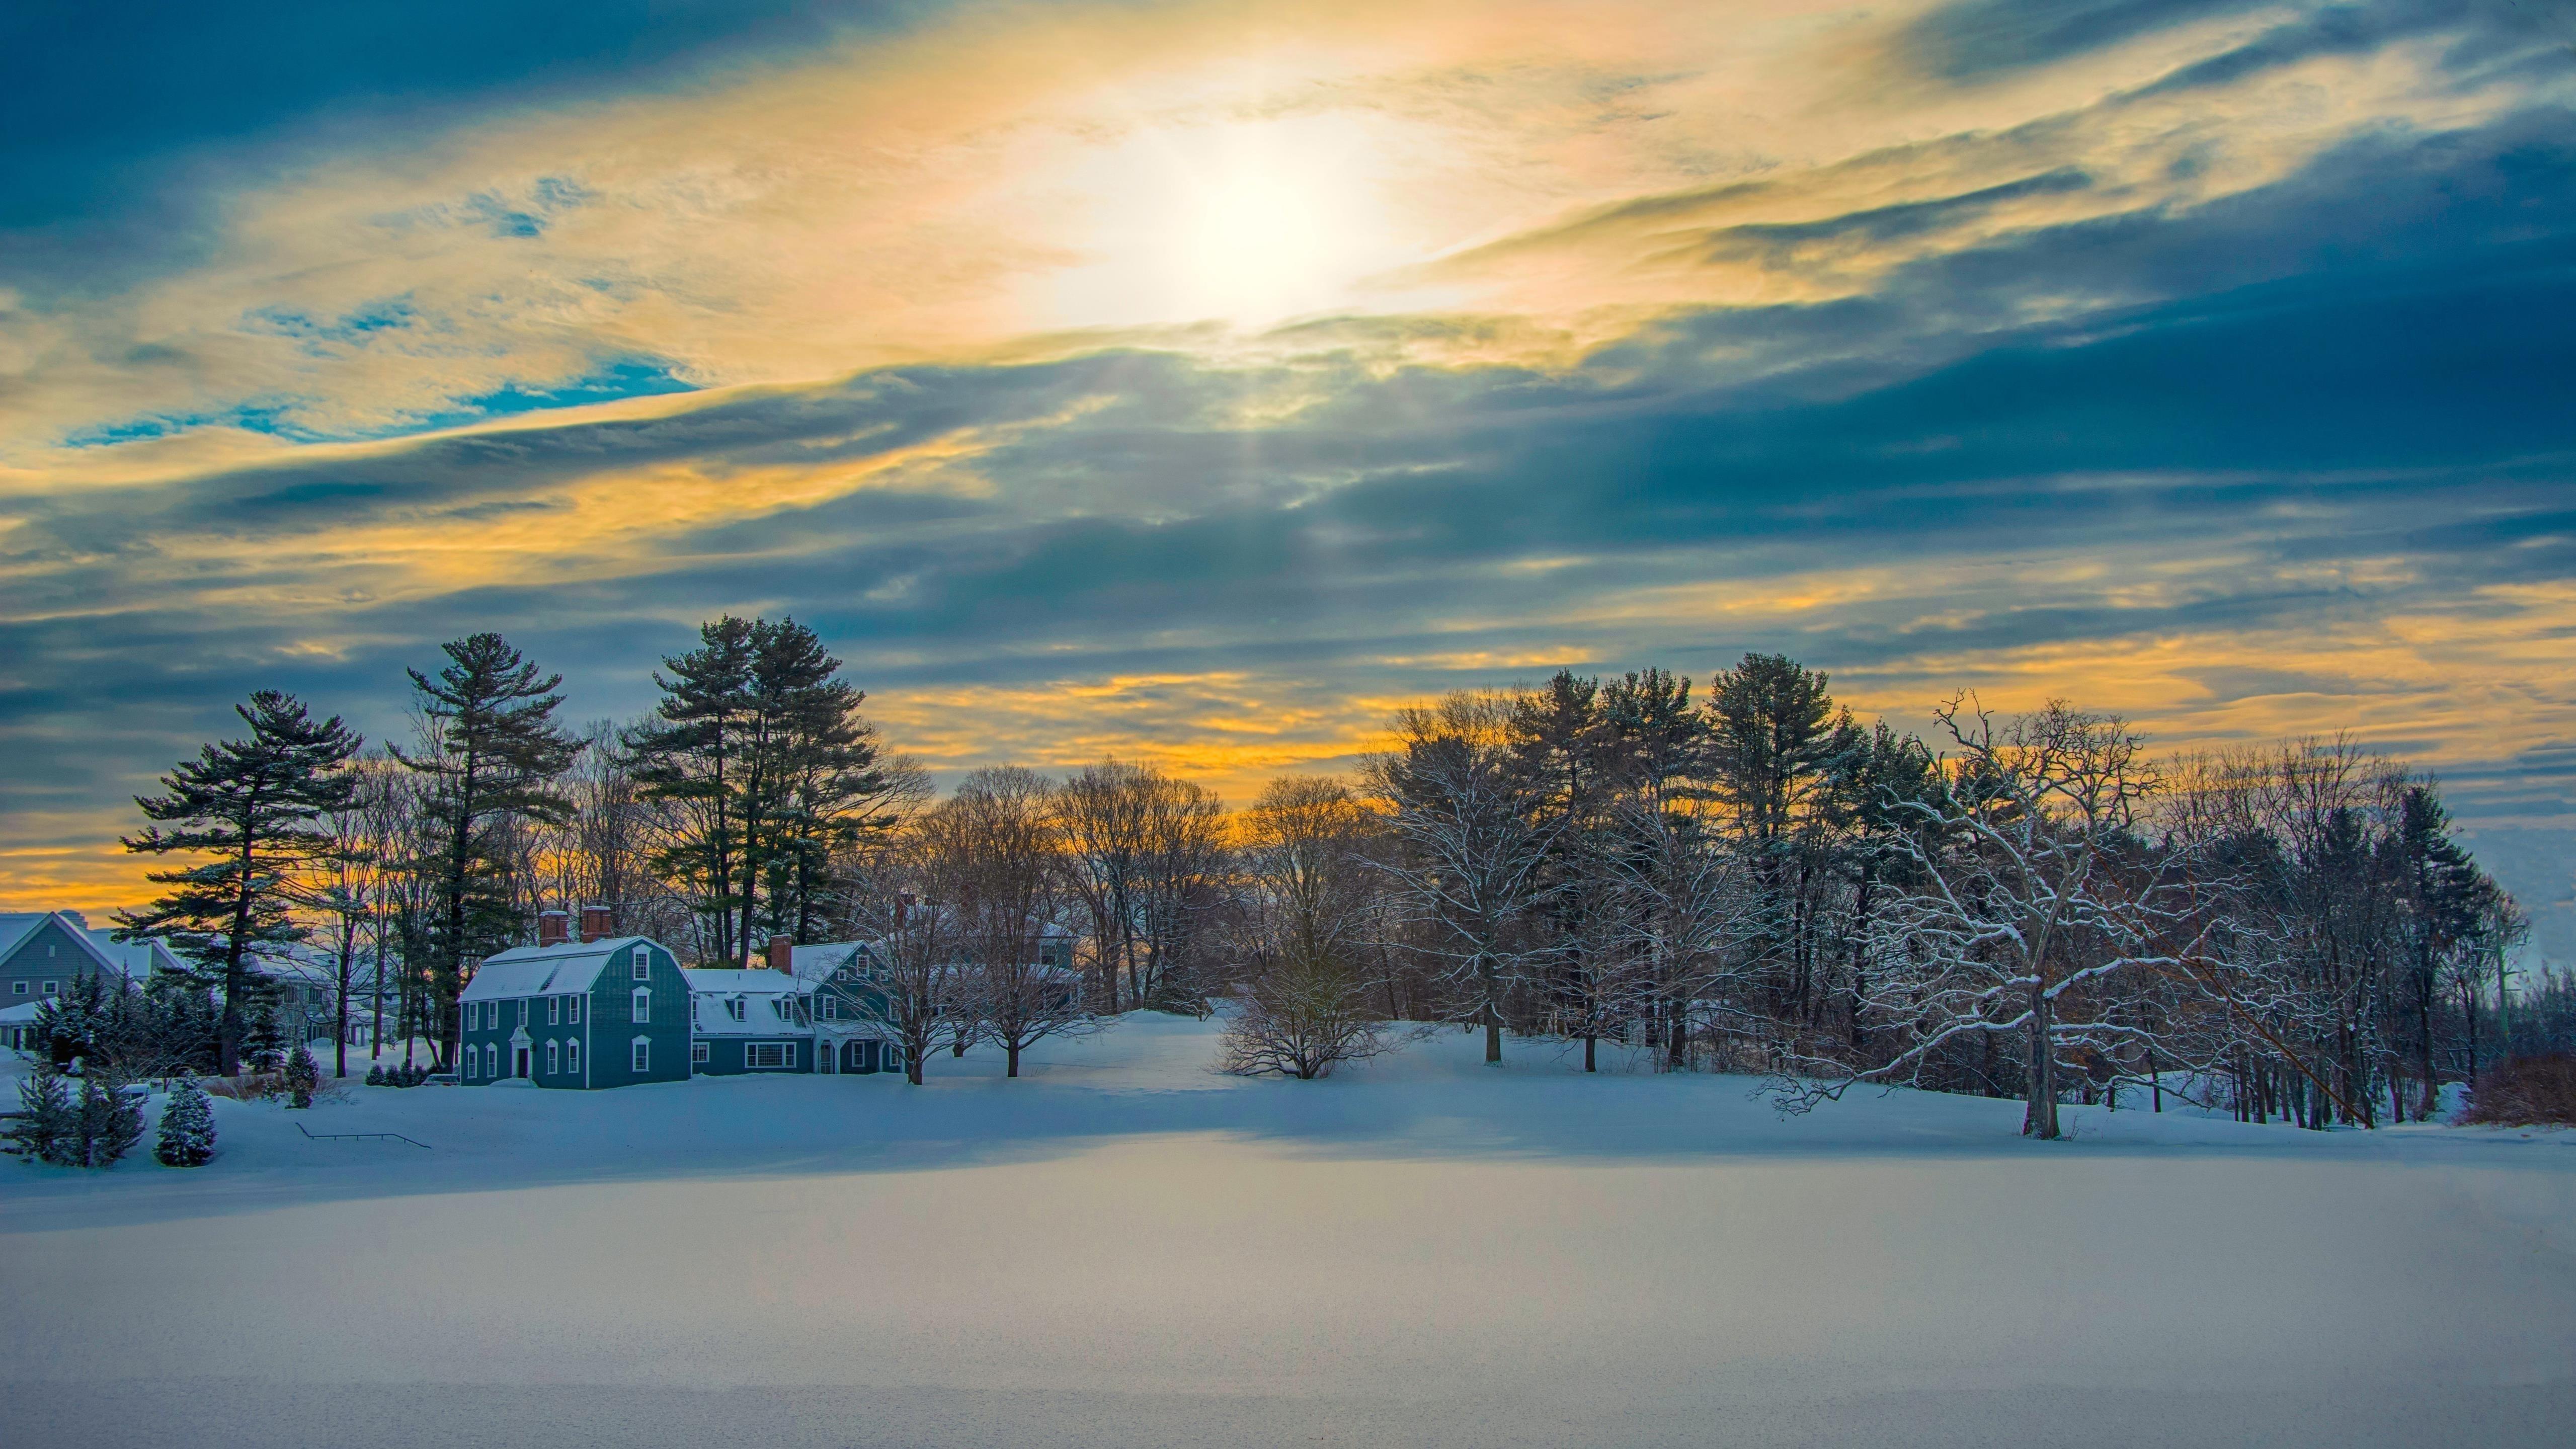 Заснеженный дом под небом во время заката зимы обои скачать